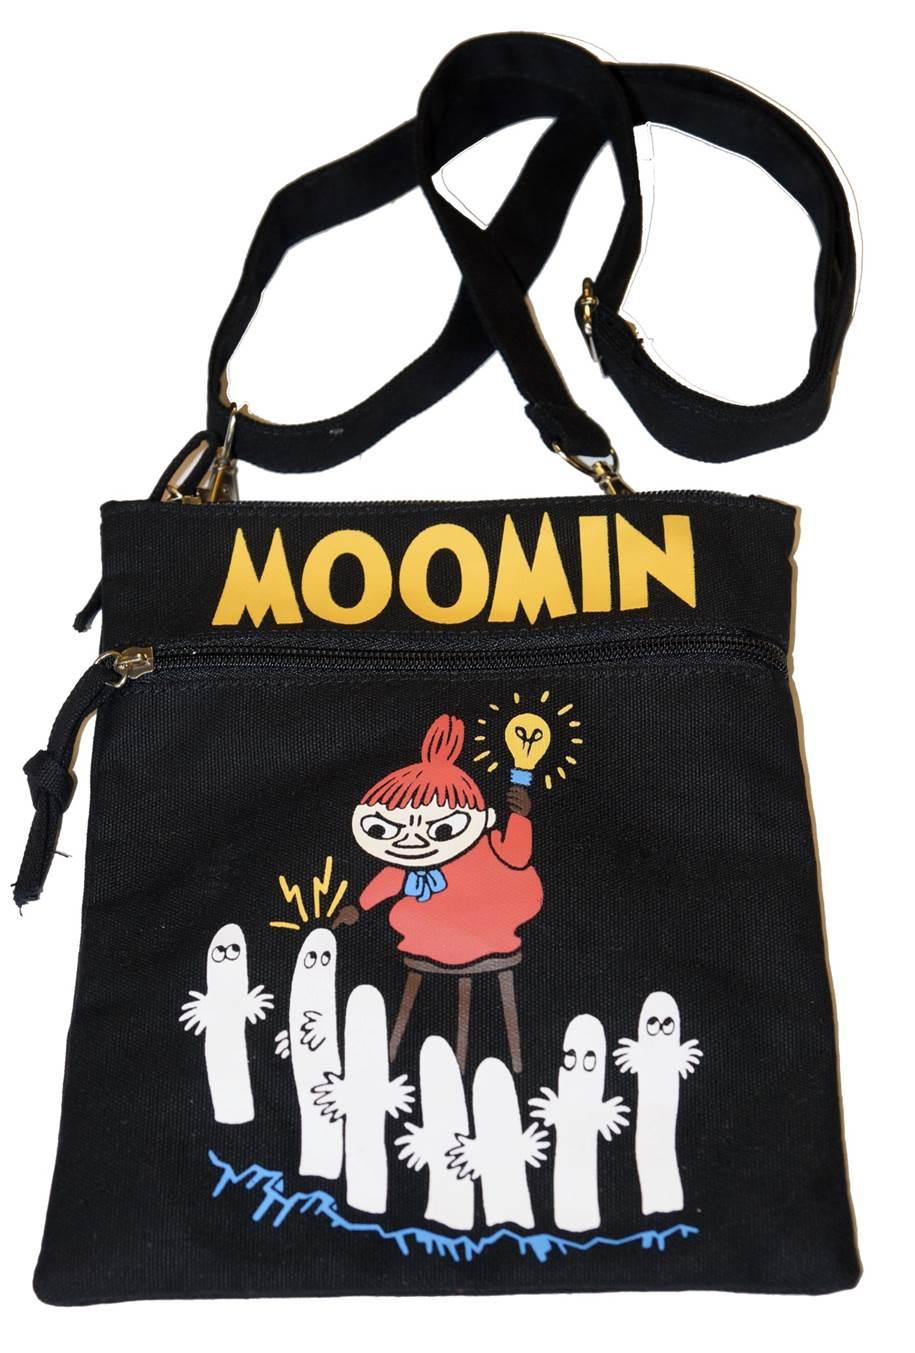 Anglo-Nordic Moomin Small fabric hang bag 20x24